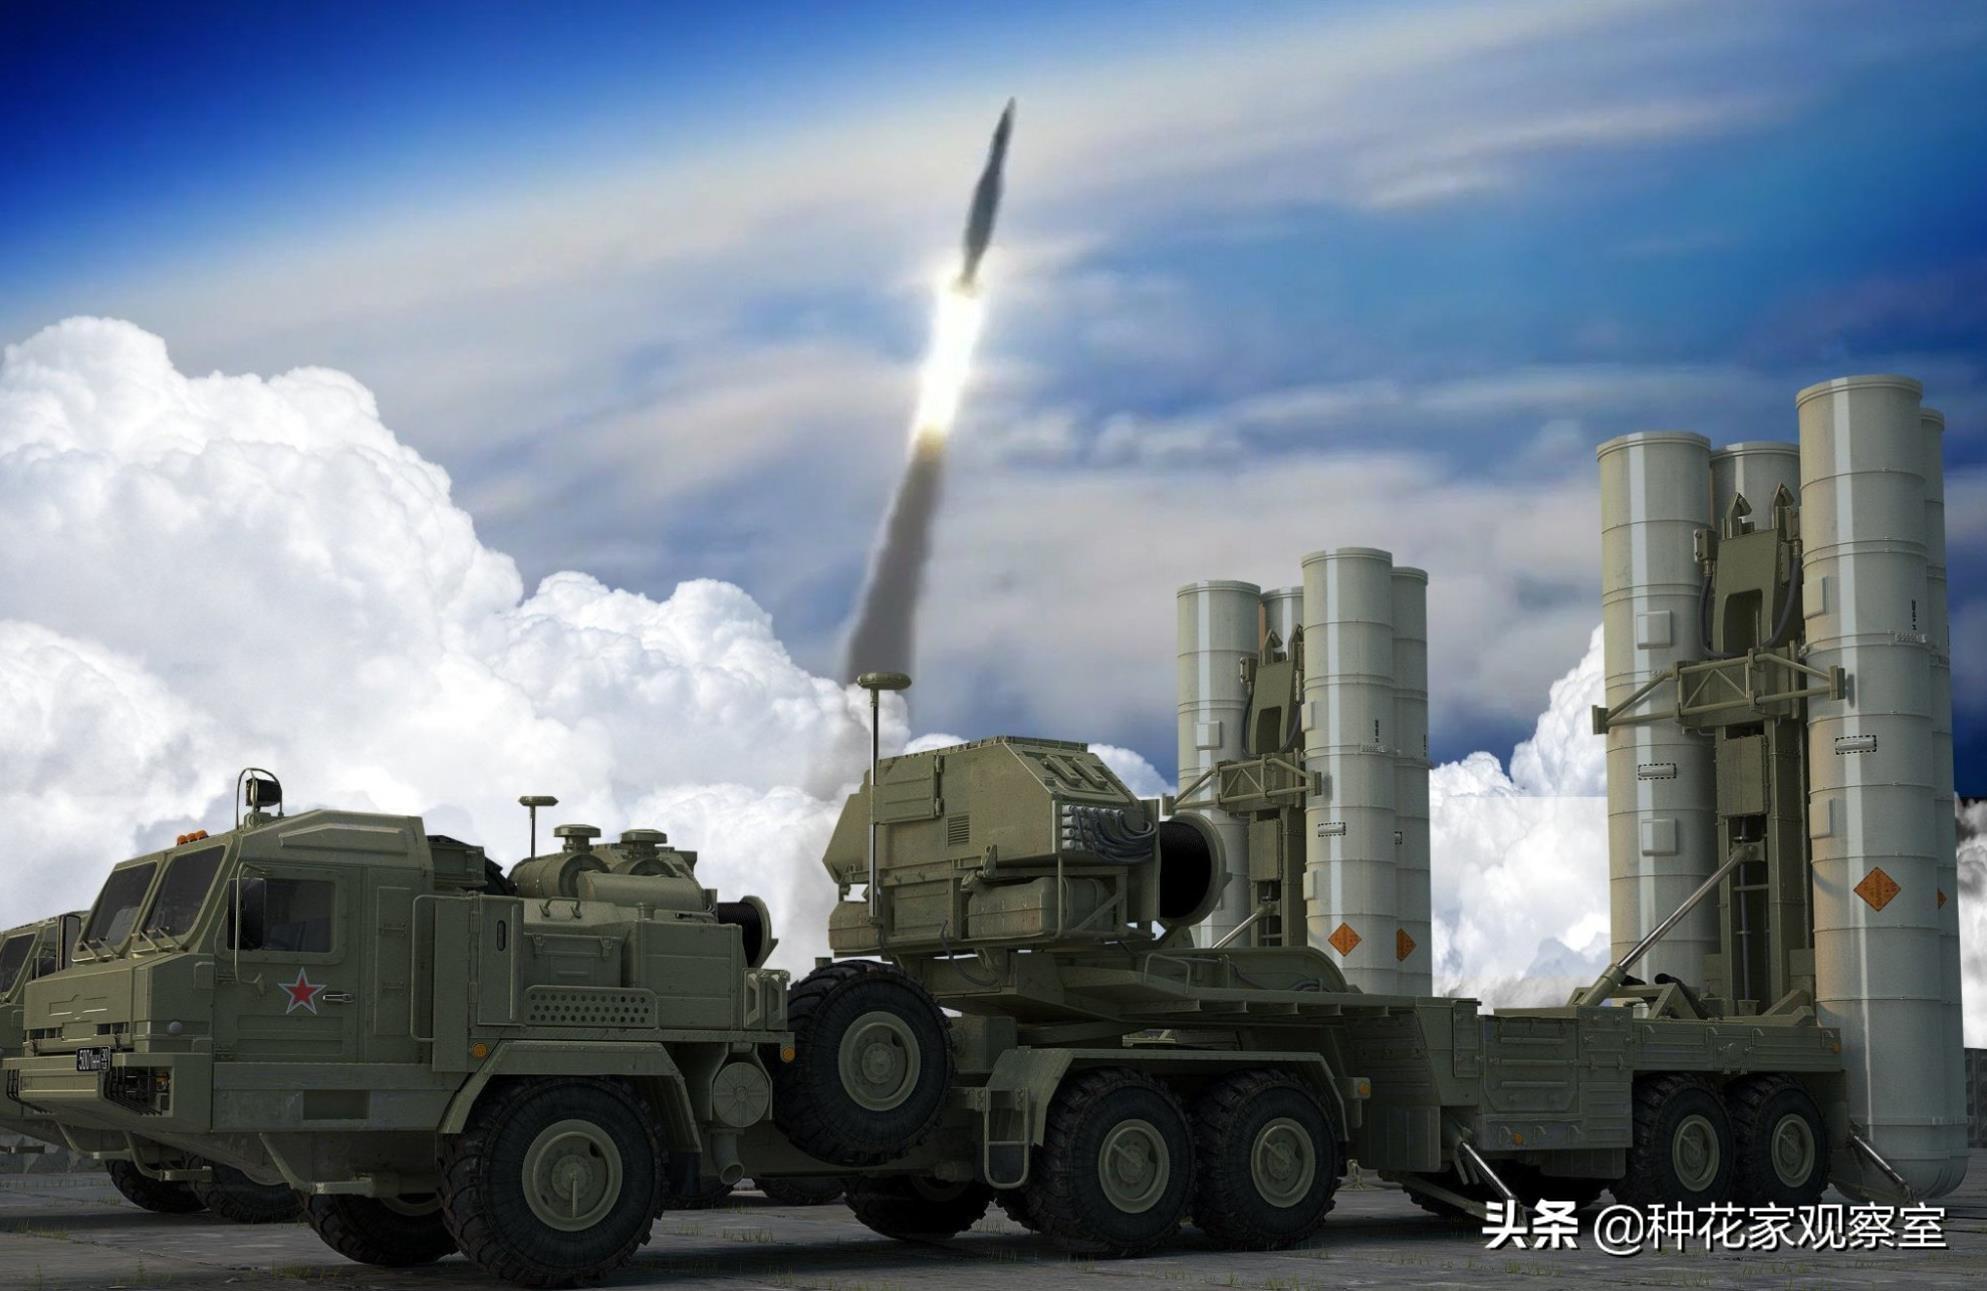 美国发出军事威胁,要在日本全境部署中程导弹,中俄表态将反制